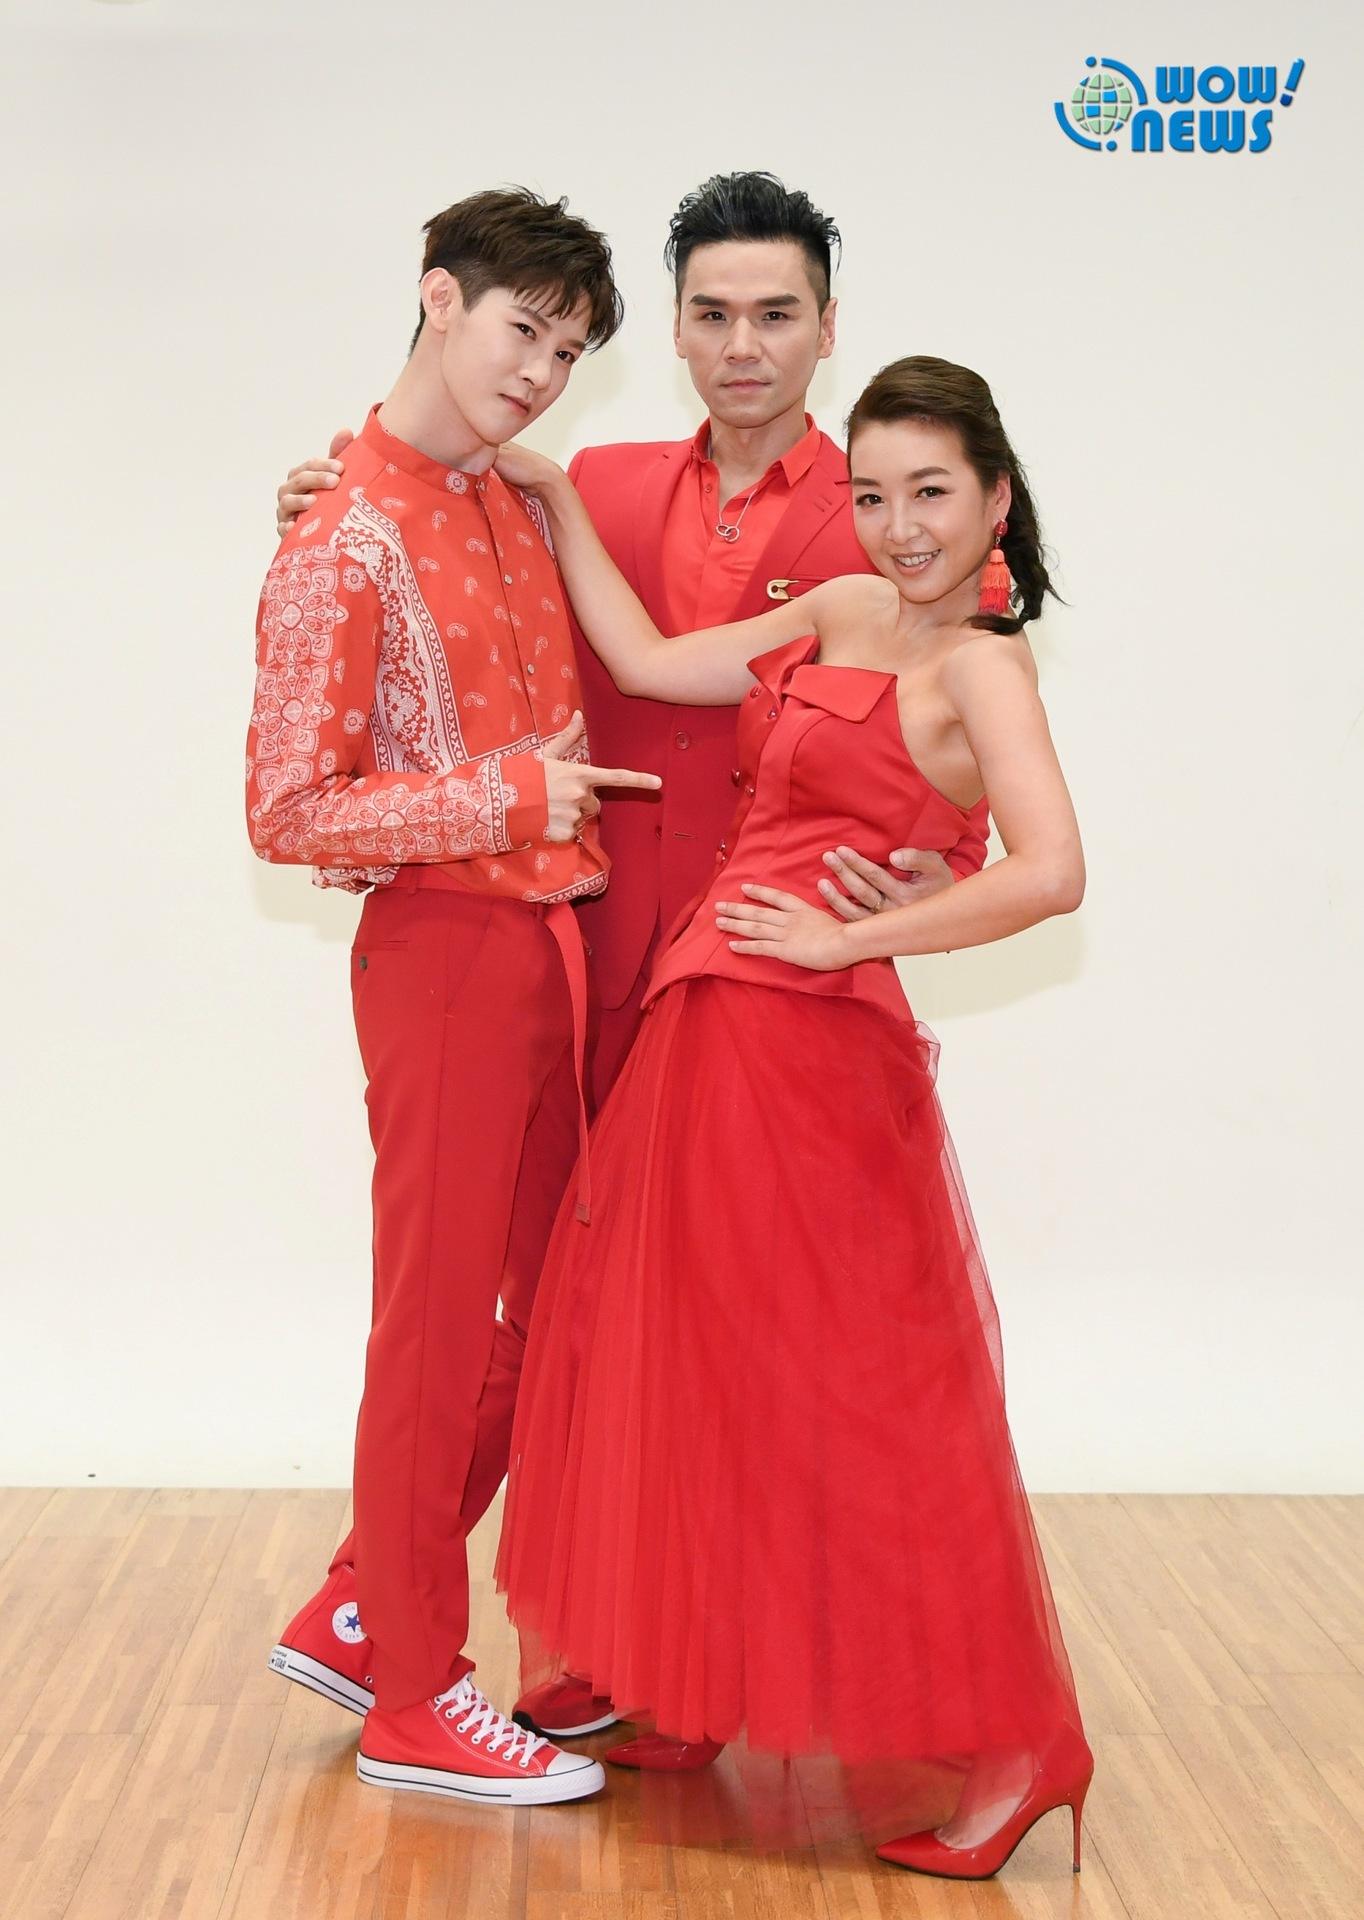 路嘉怡、Kevin及夏和熙聯手主持三立全新正韓美妝節目《拜託了!女神》